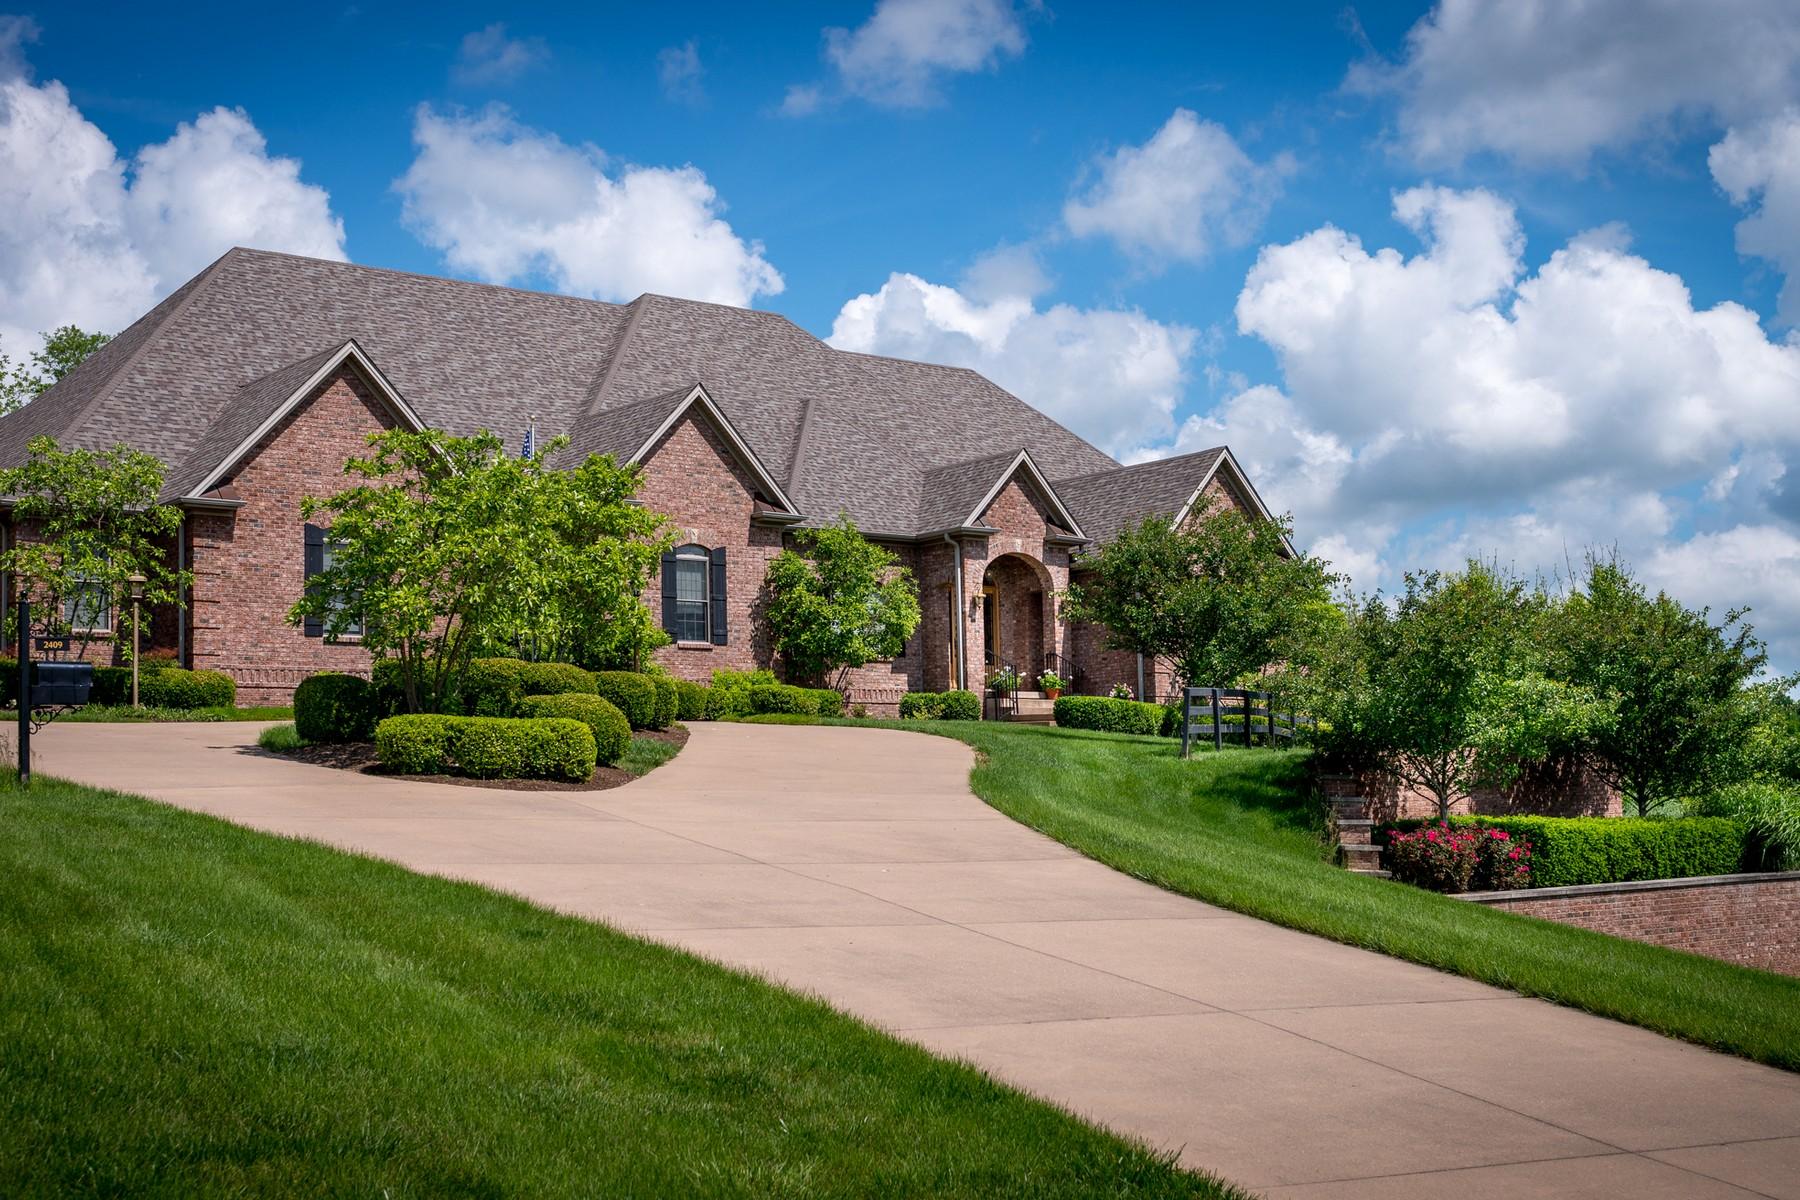 一戸建て のために 売買 アット 2409 Williamsburg Estates Lane Lexington, ケンタッキー, 40504 アメリカ合衆国